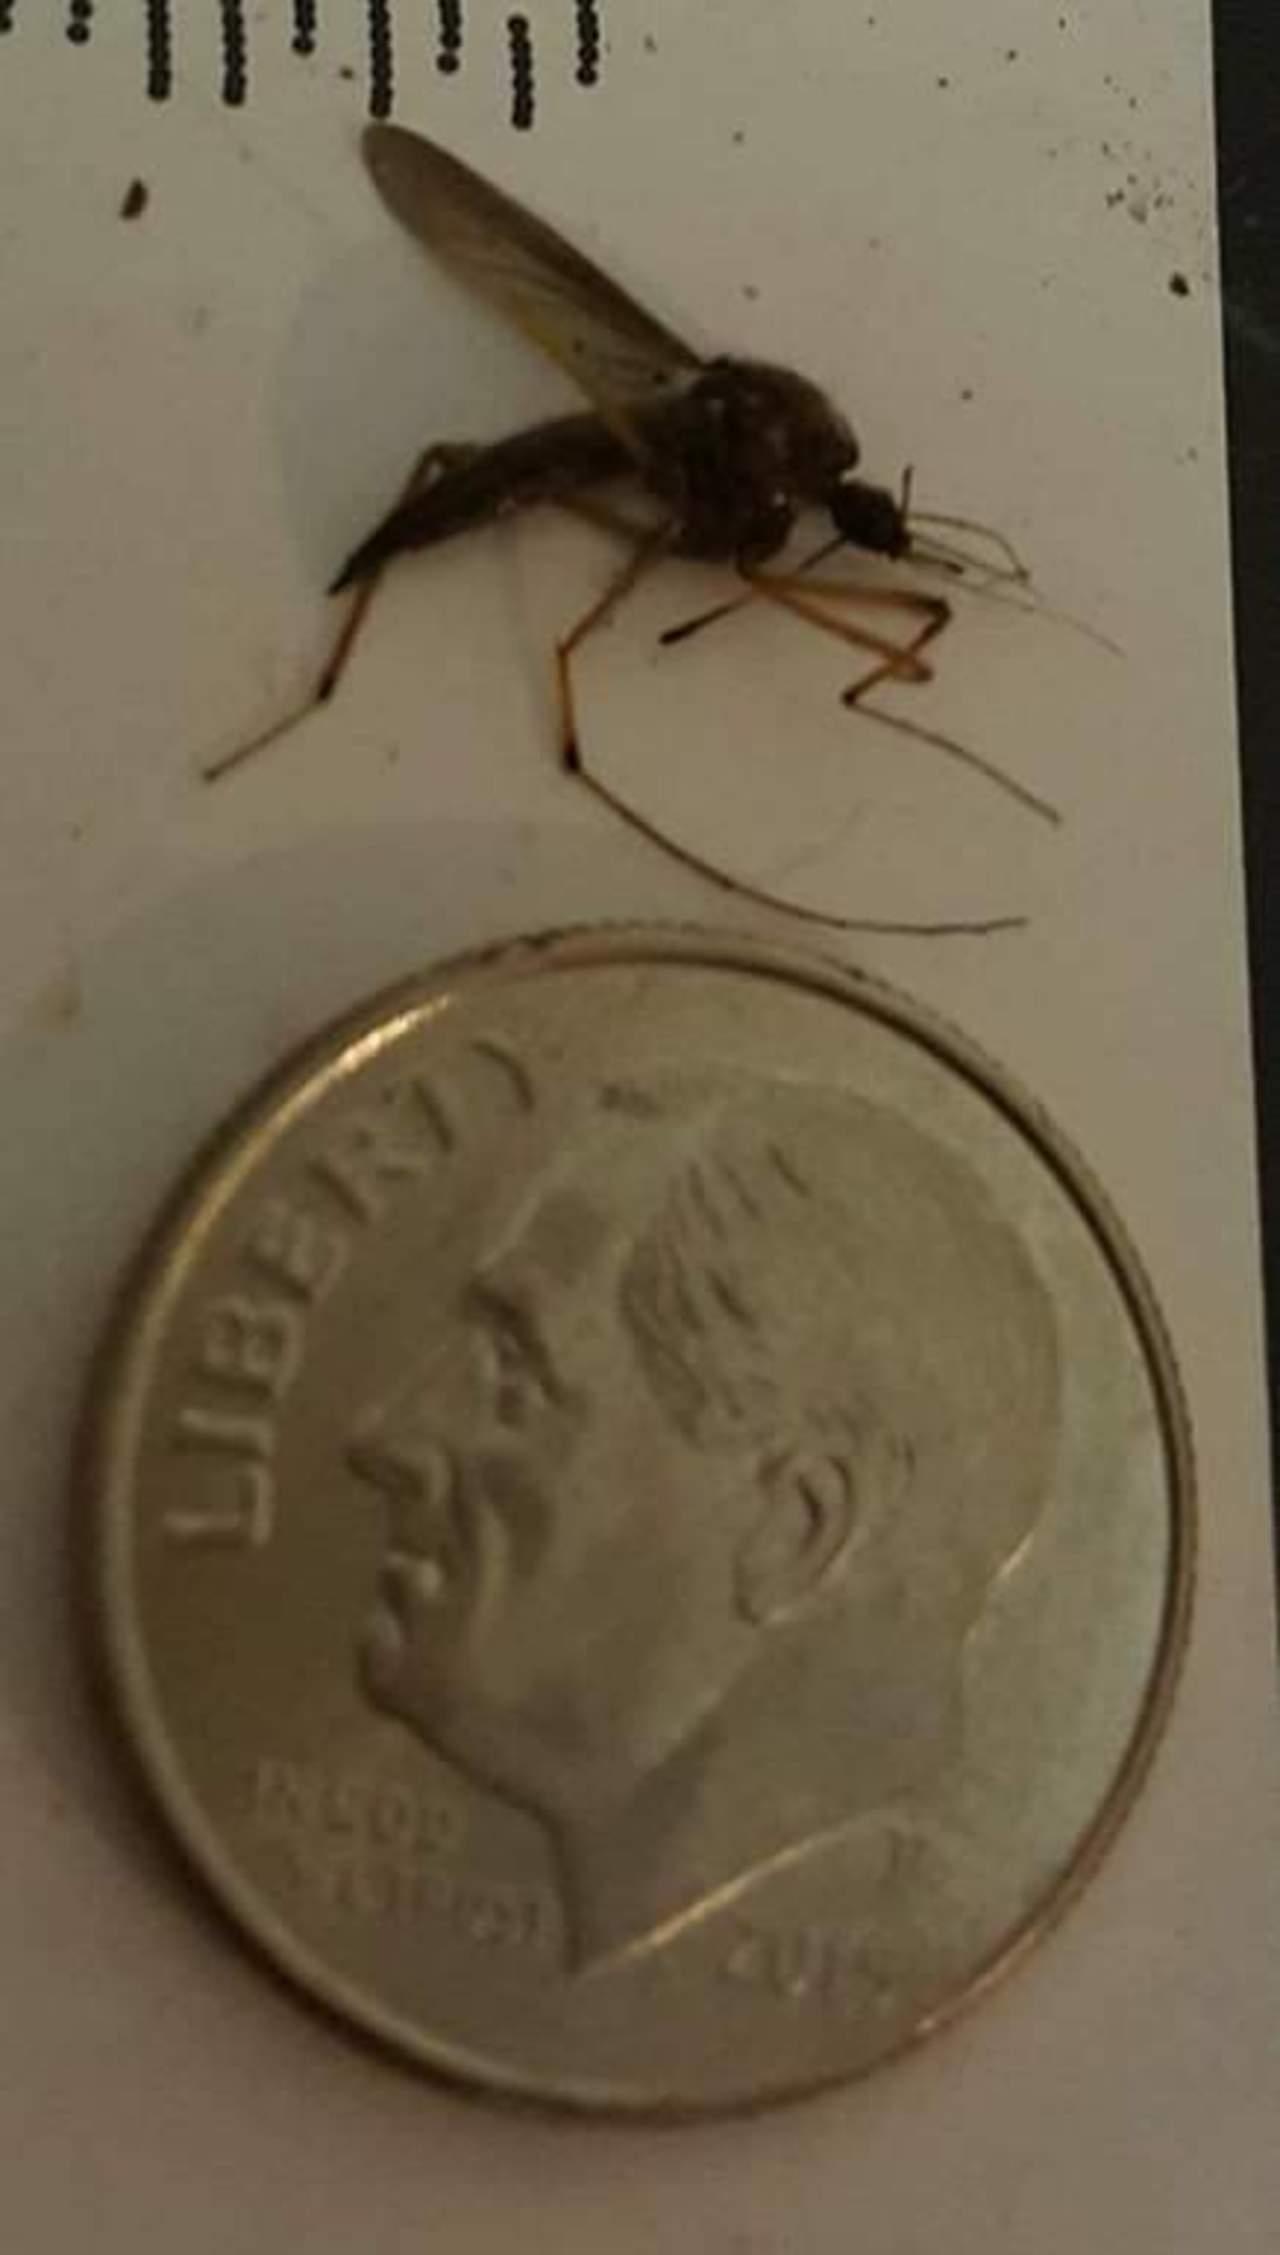 Aparecen mosquitos gigantes en Acuña